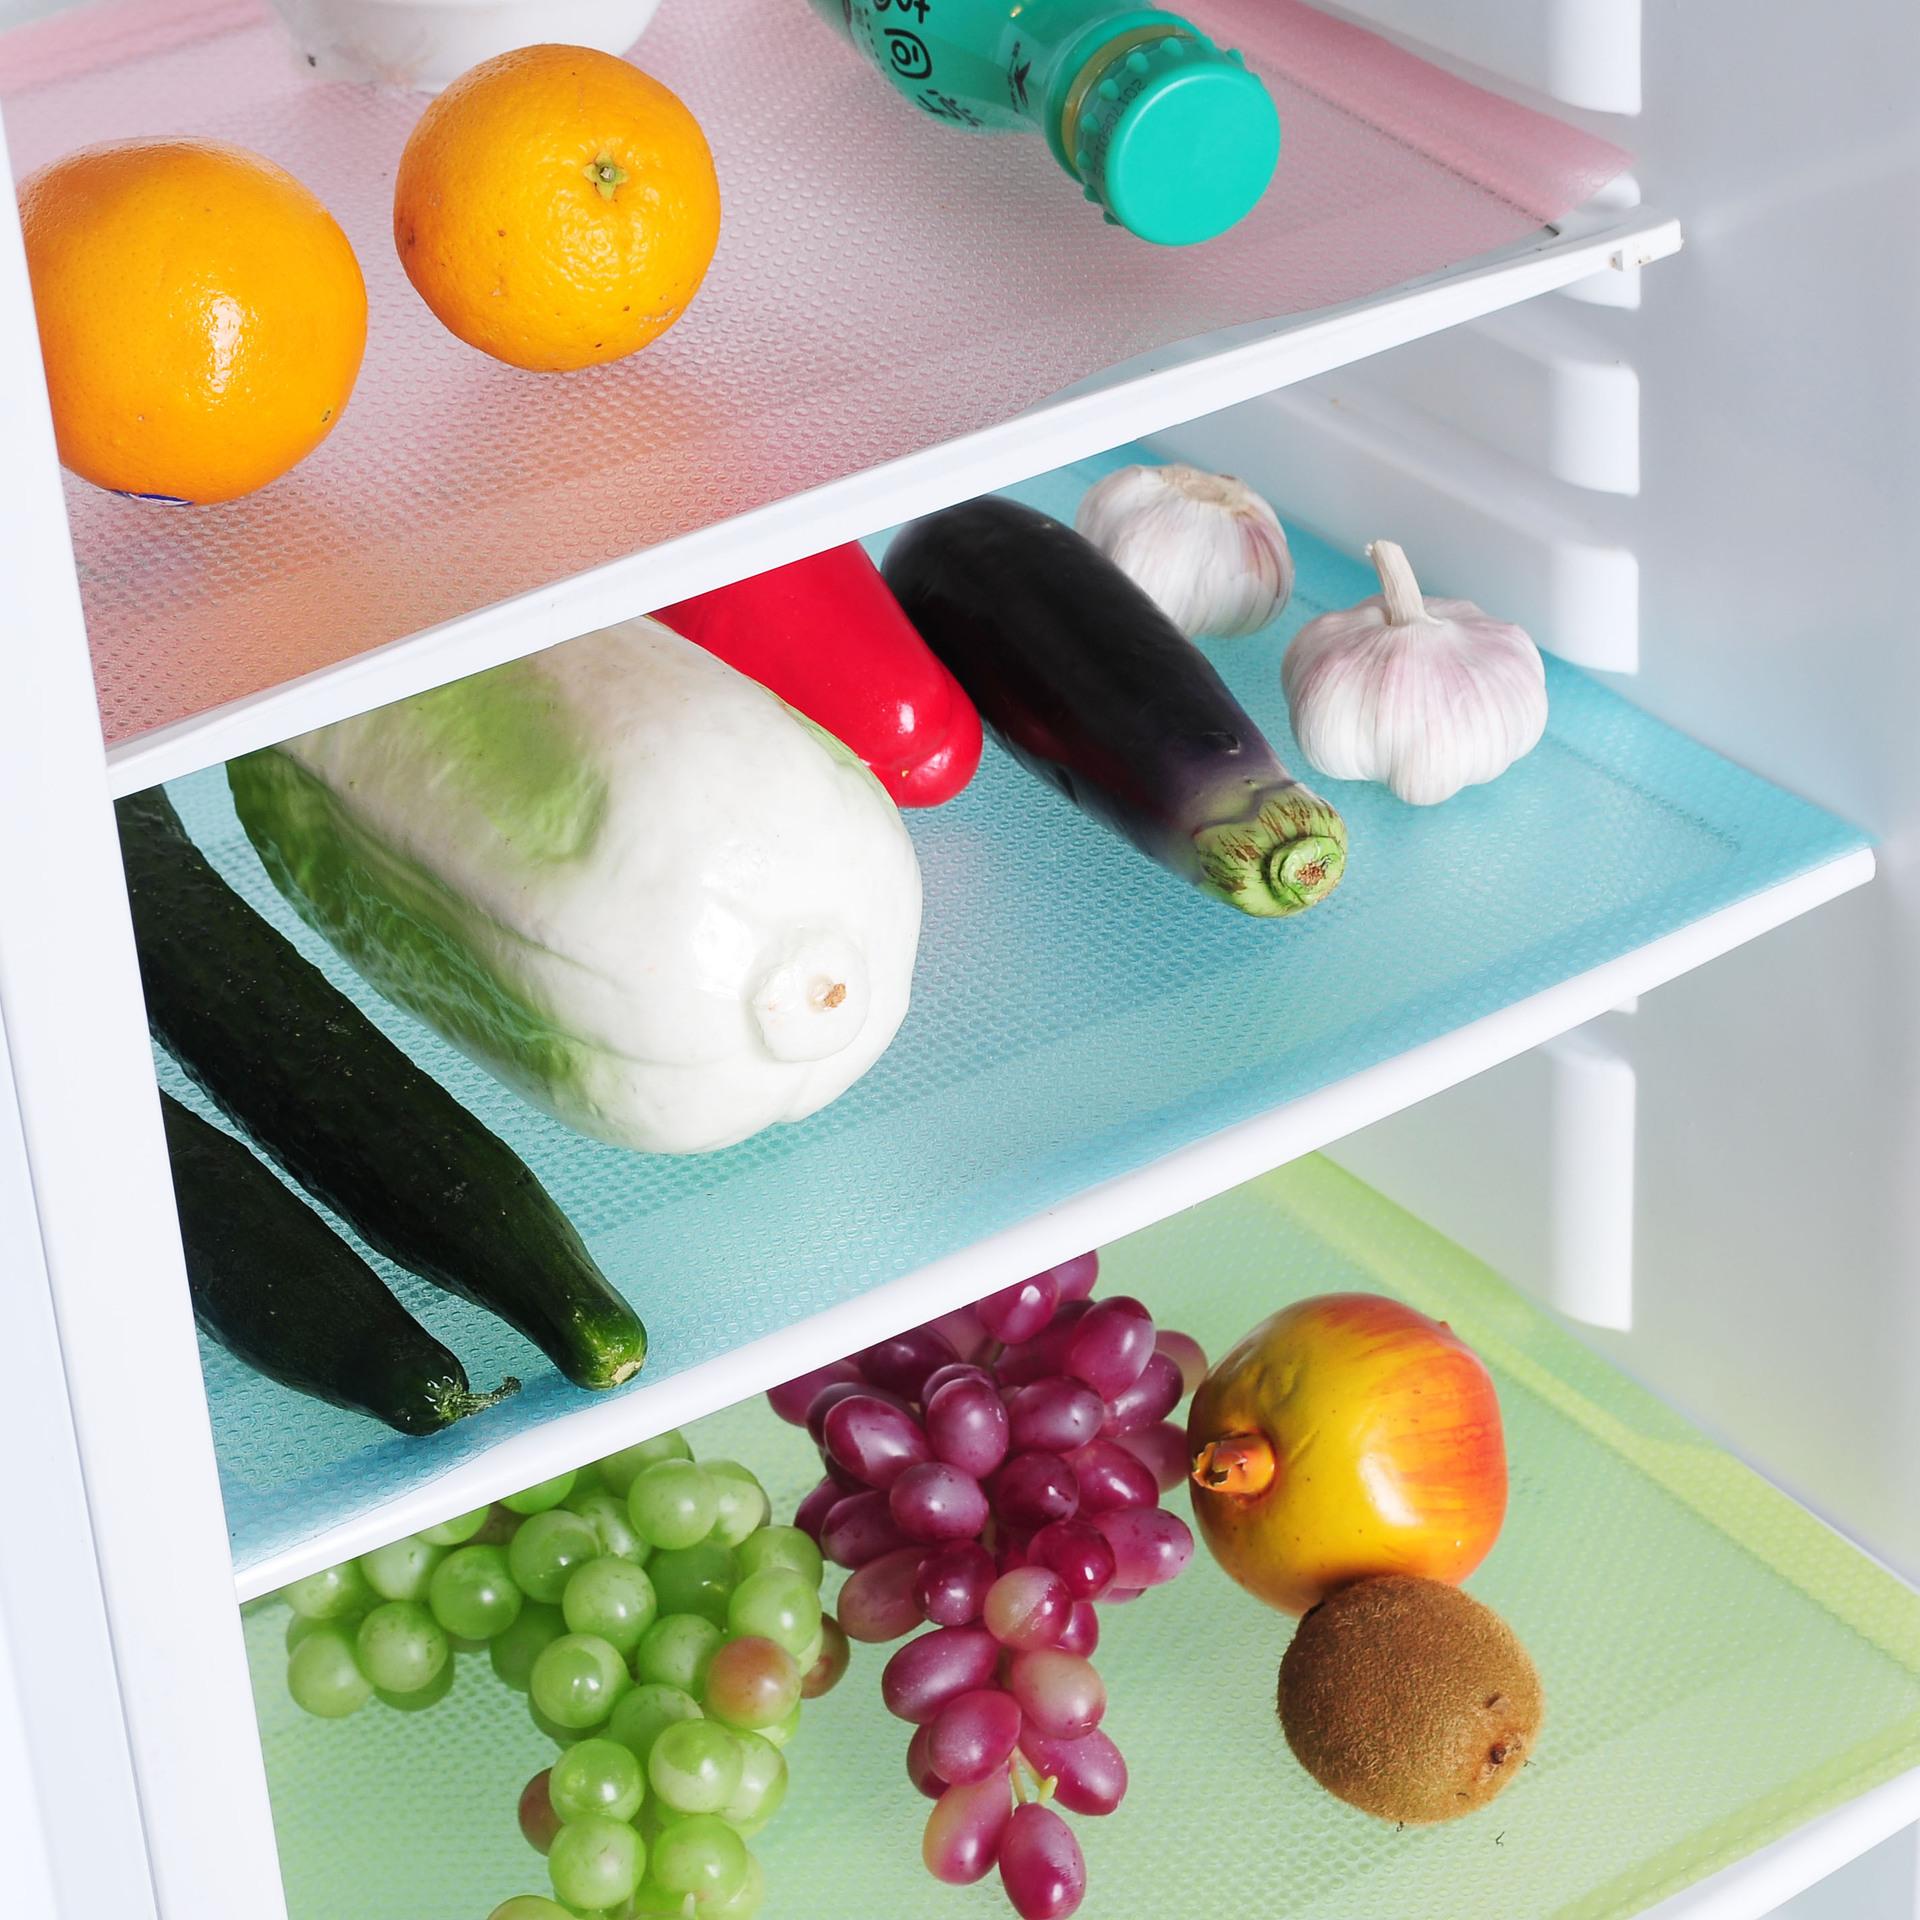 4 Pcs/set Facile à nettoyer, Imperméable à l'eau de Réfrigérateur de Tapis